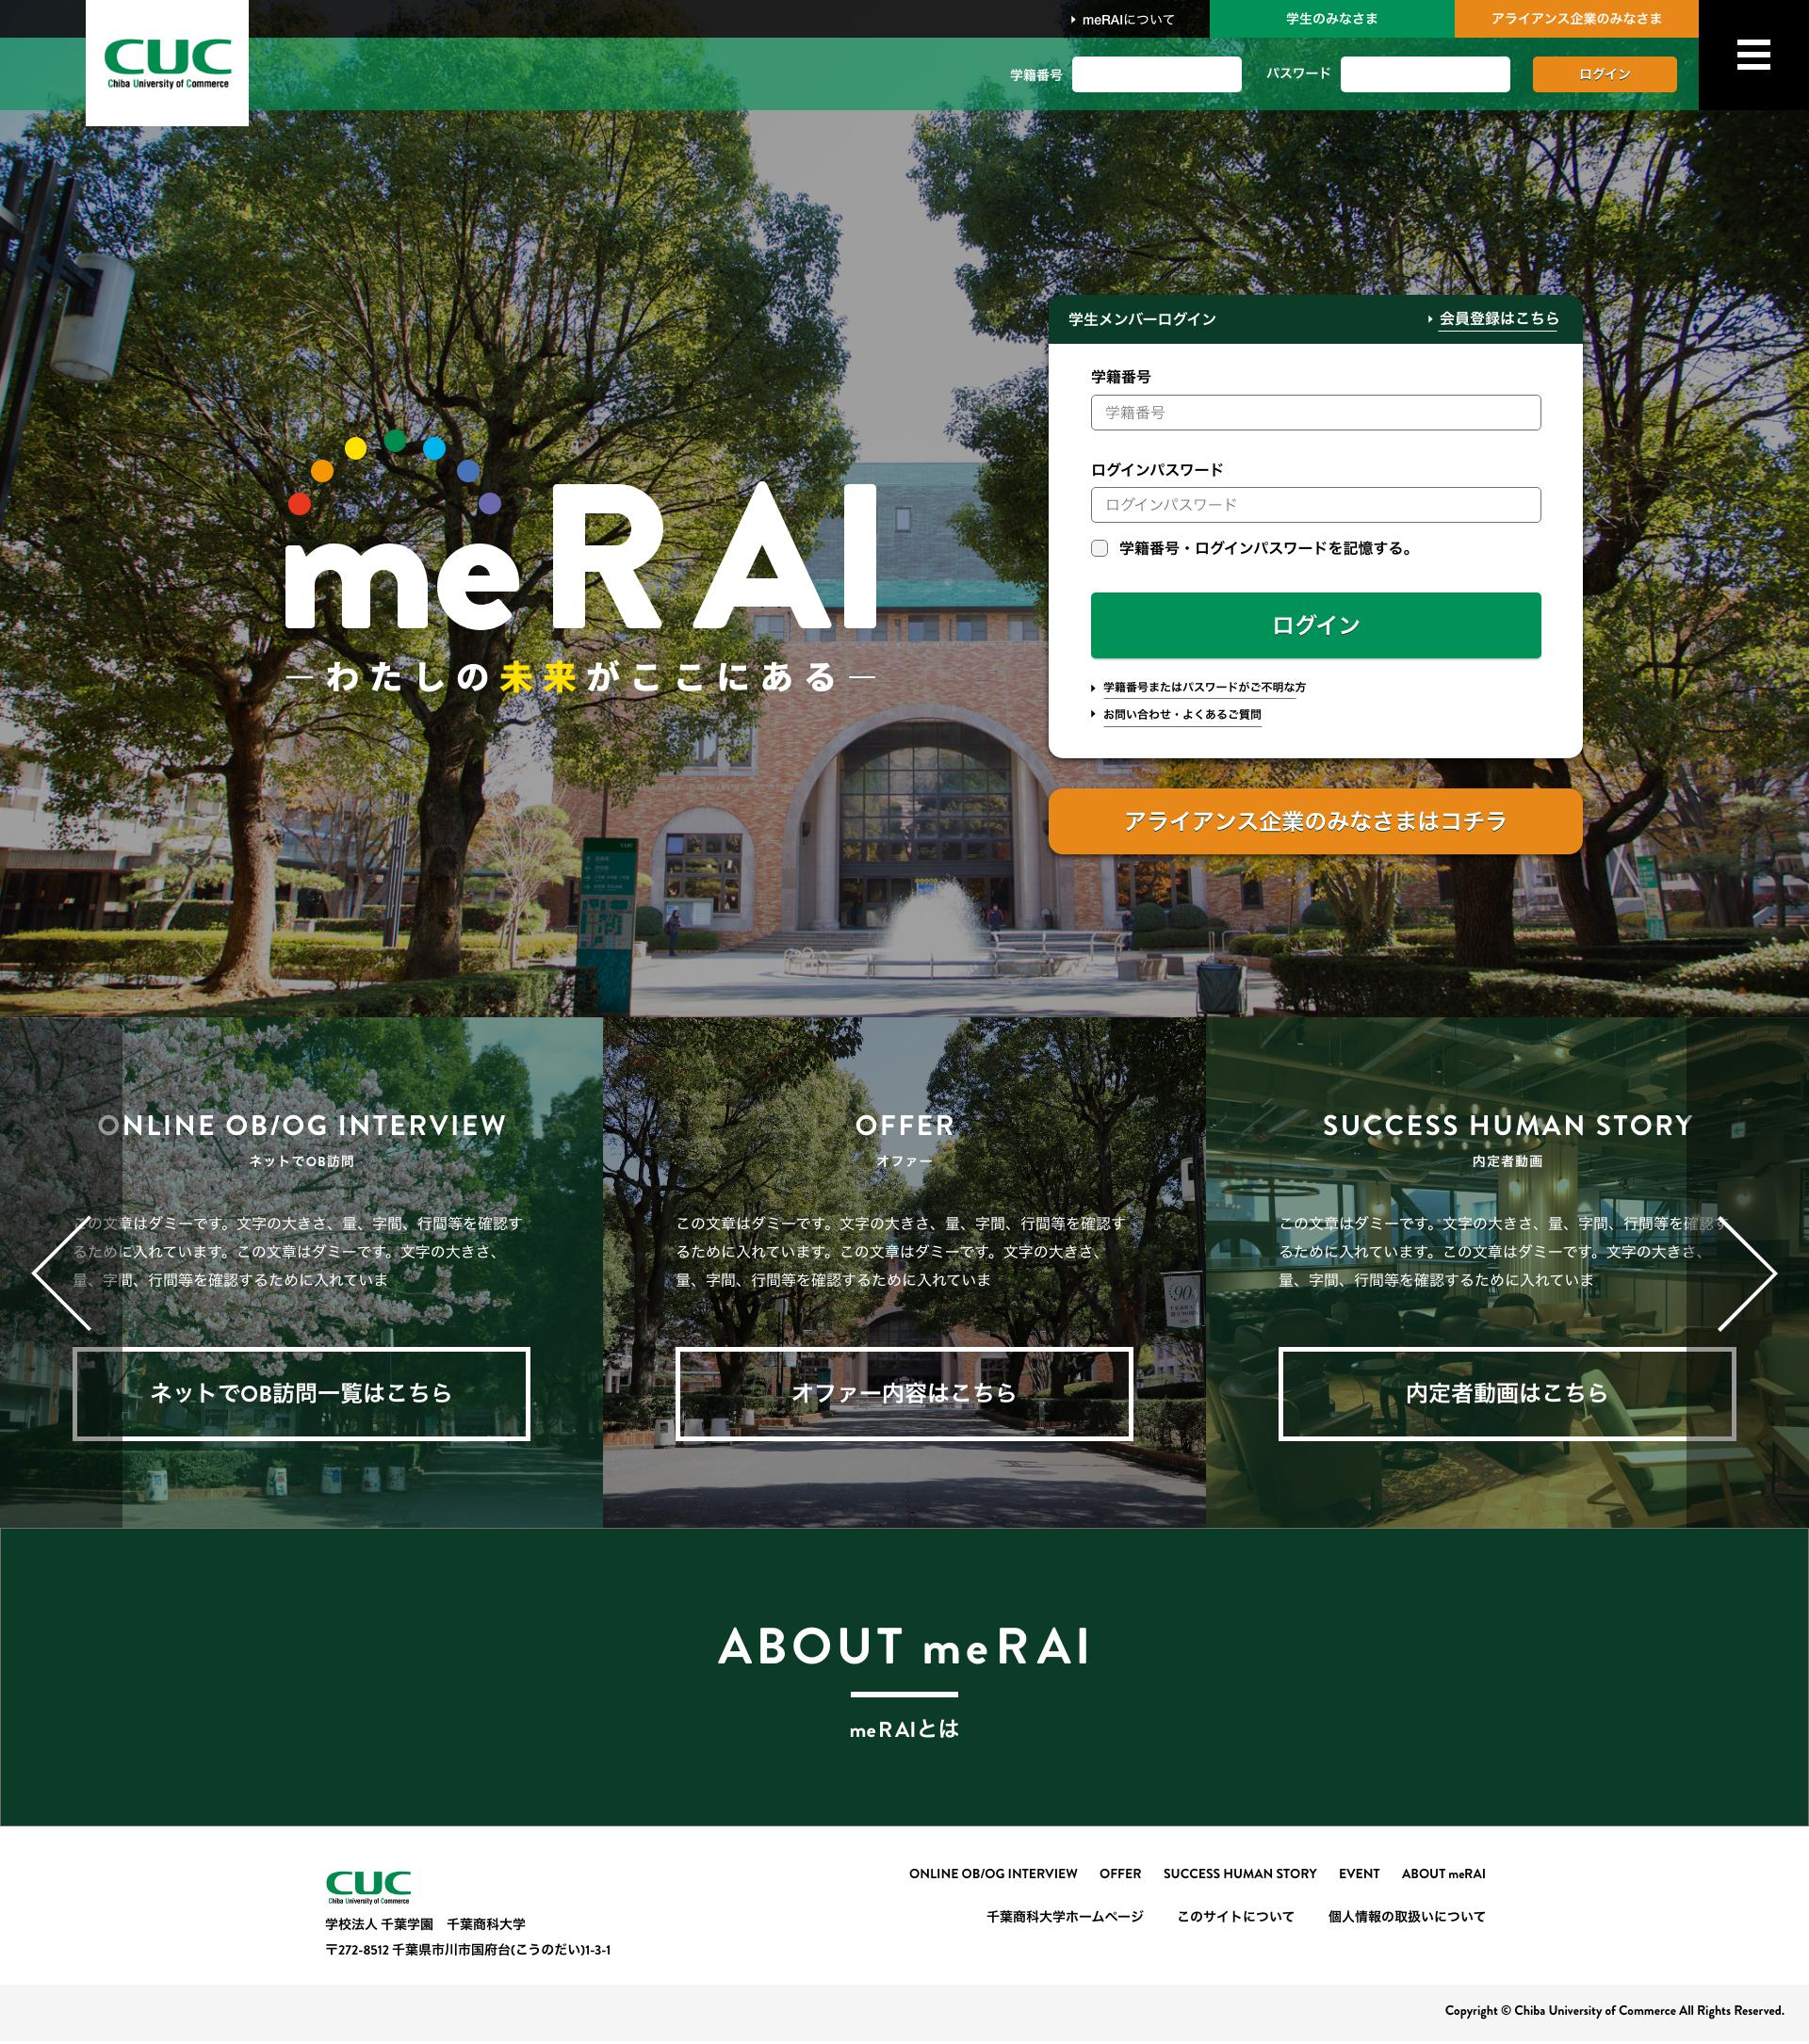 千葉商科大学が「逆求人型」 就職マッチングサイト「me R AI(みらい)」を公開 -- ターゲットを定めて企業側から学生へアプローチする時代へ --